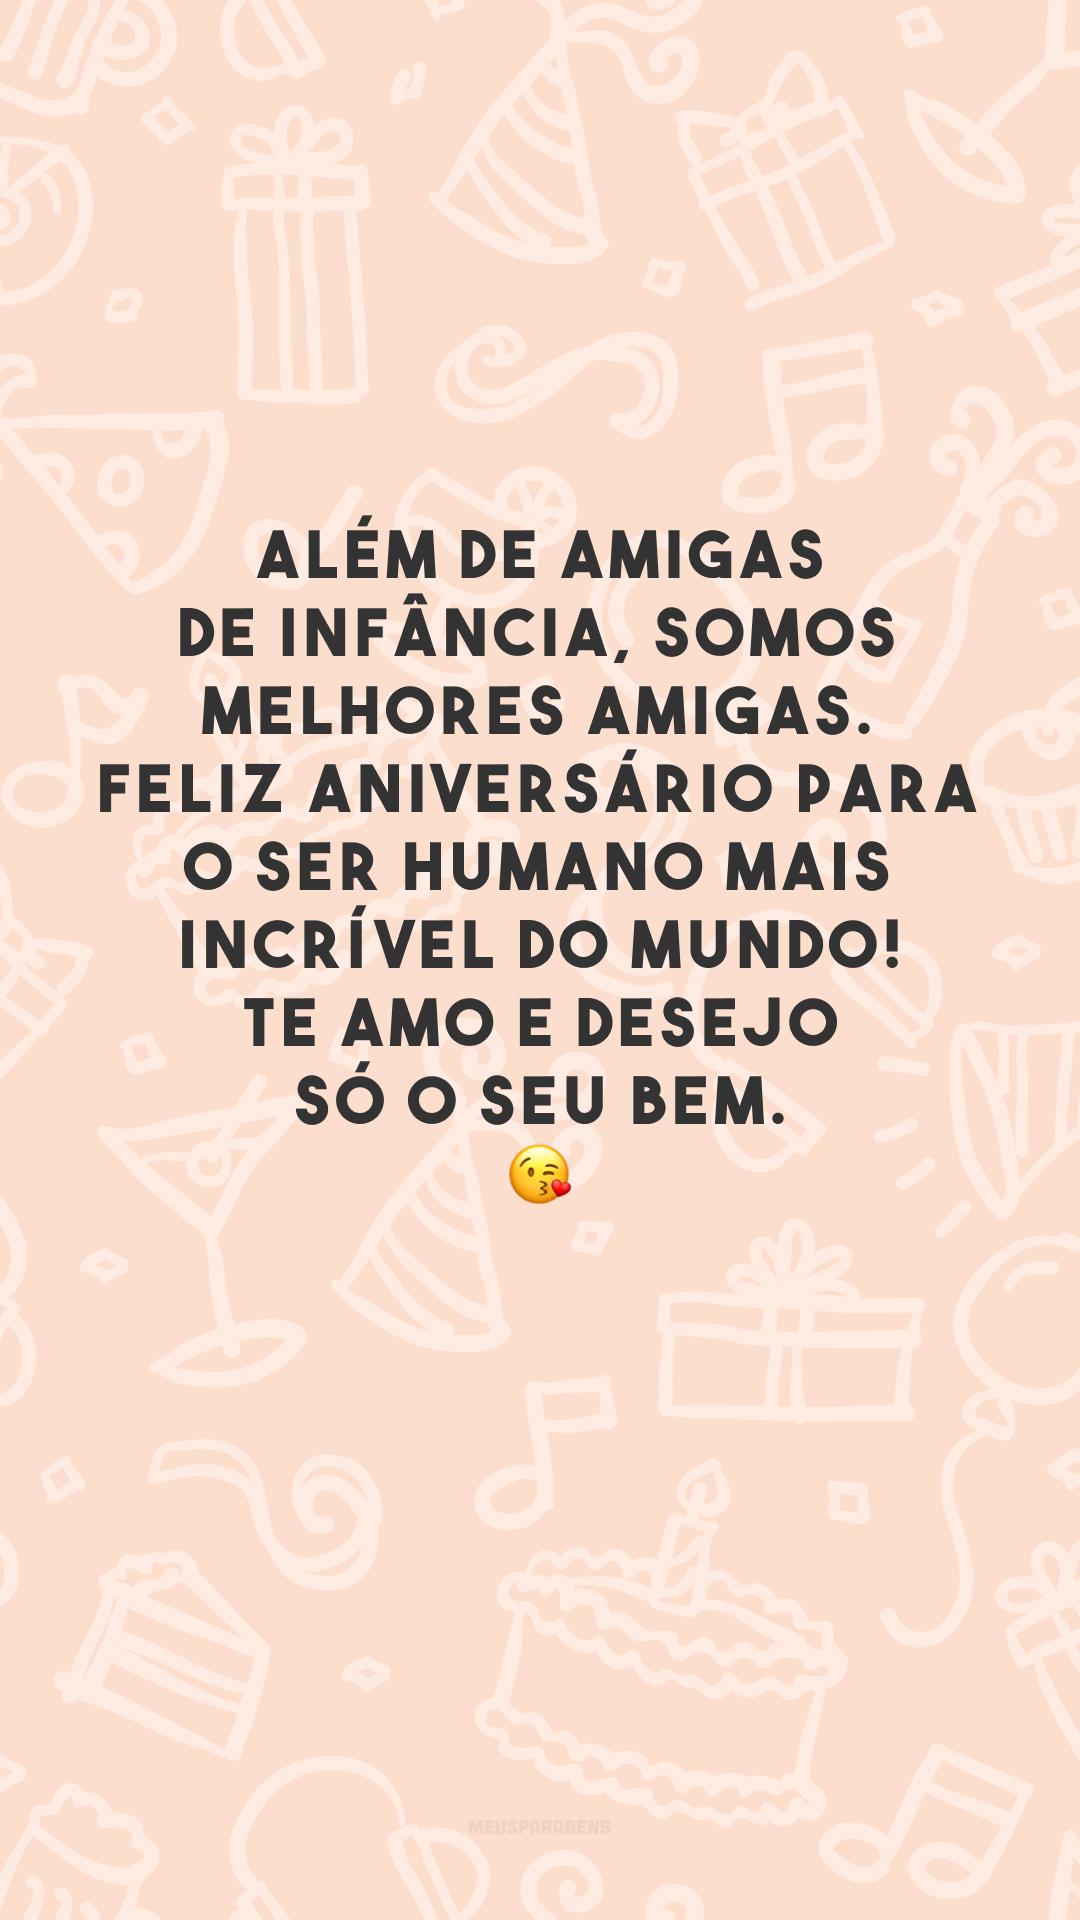 Além de amigas de infância, somos melhores amigas. Feliz aniversário para o ser humano mais incrível do mundo! Te amo e desejo só o seu bem. 😘